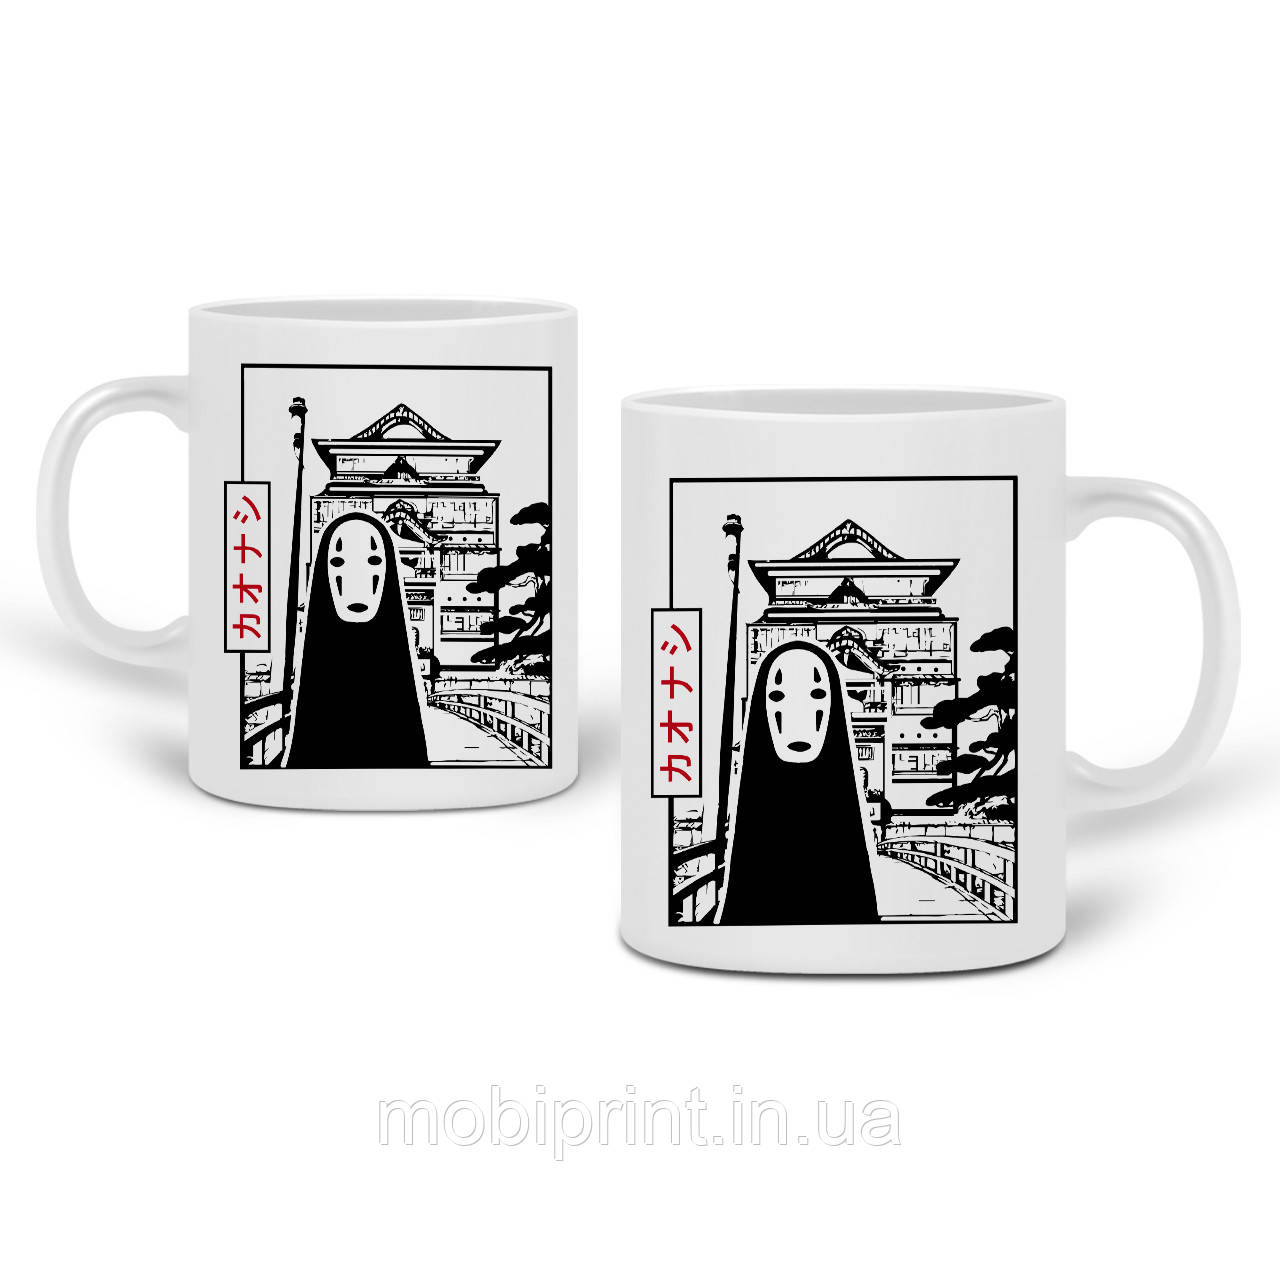 Кружка Безликий Бог Каонаси Унесённые призраками (Spirited Away) 330 мл Чашка Керамическая (20259-2648)